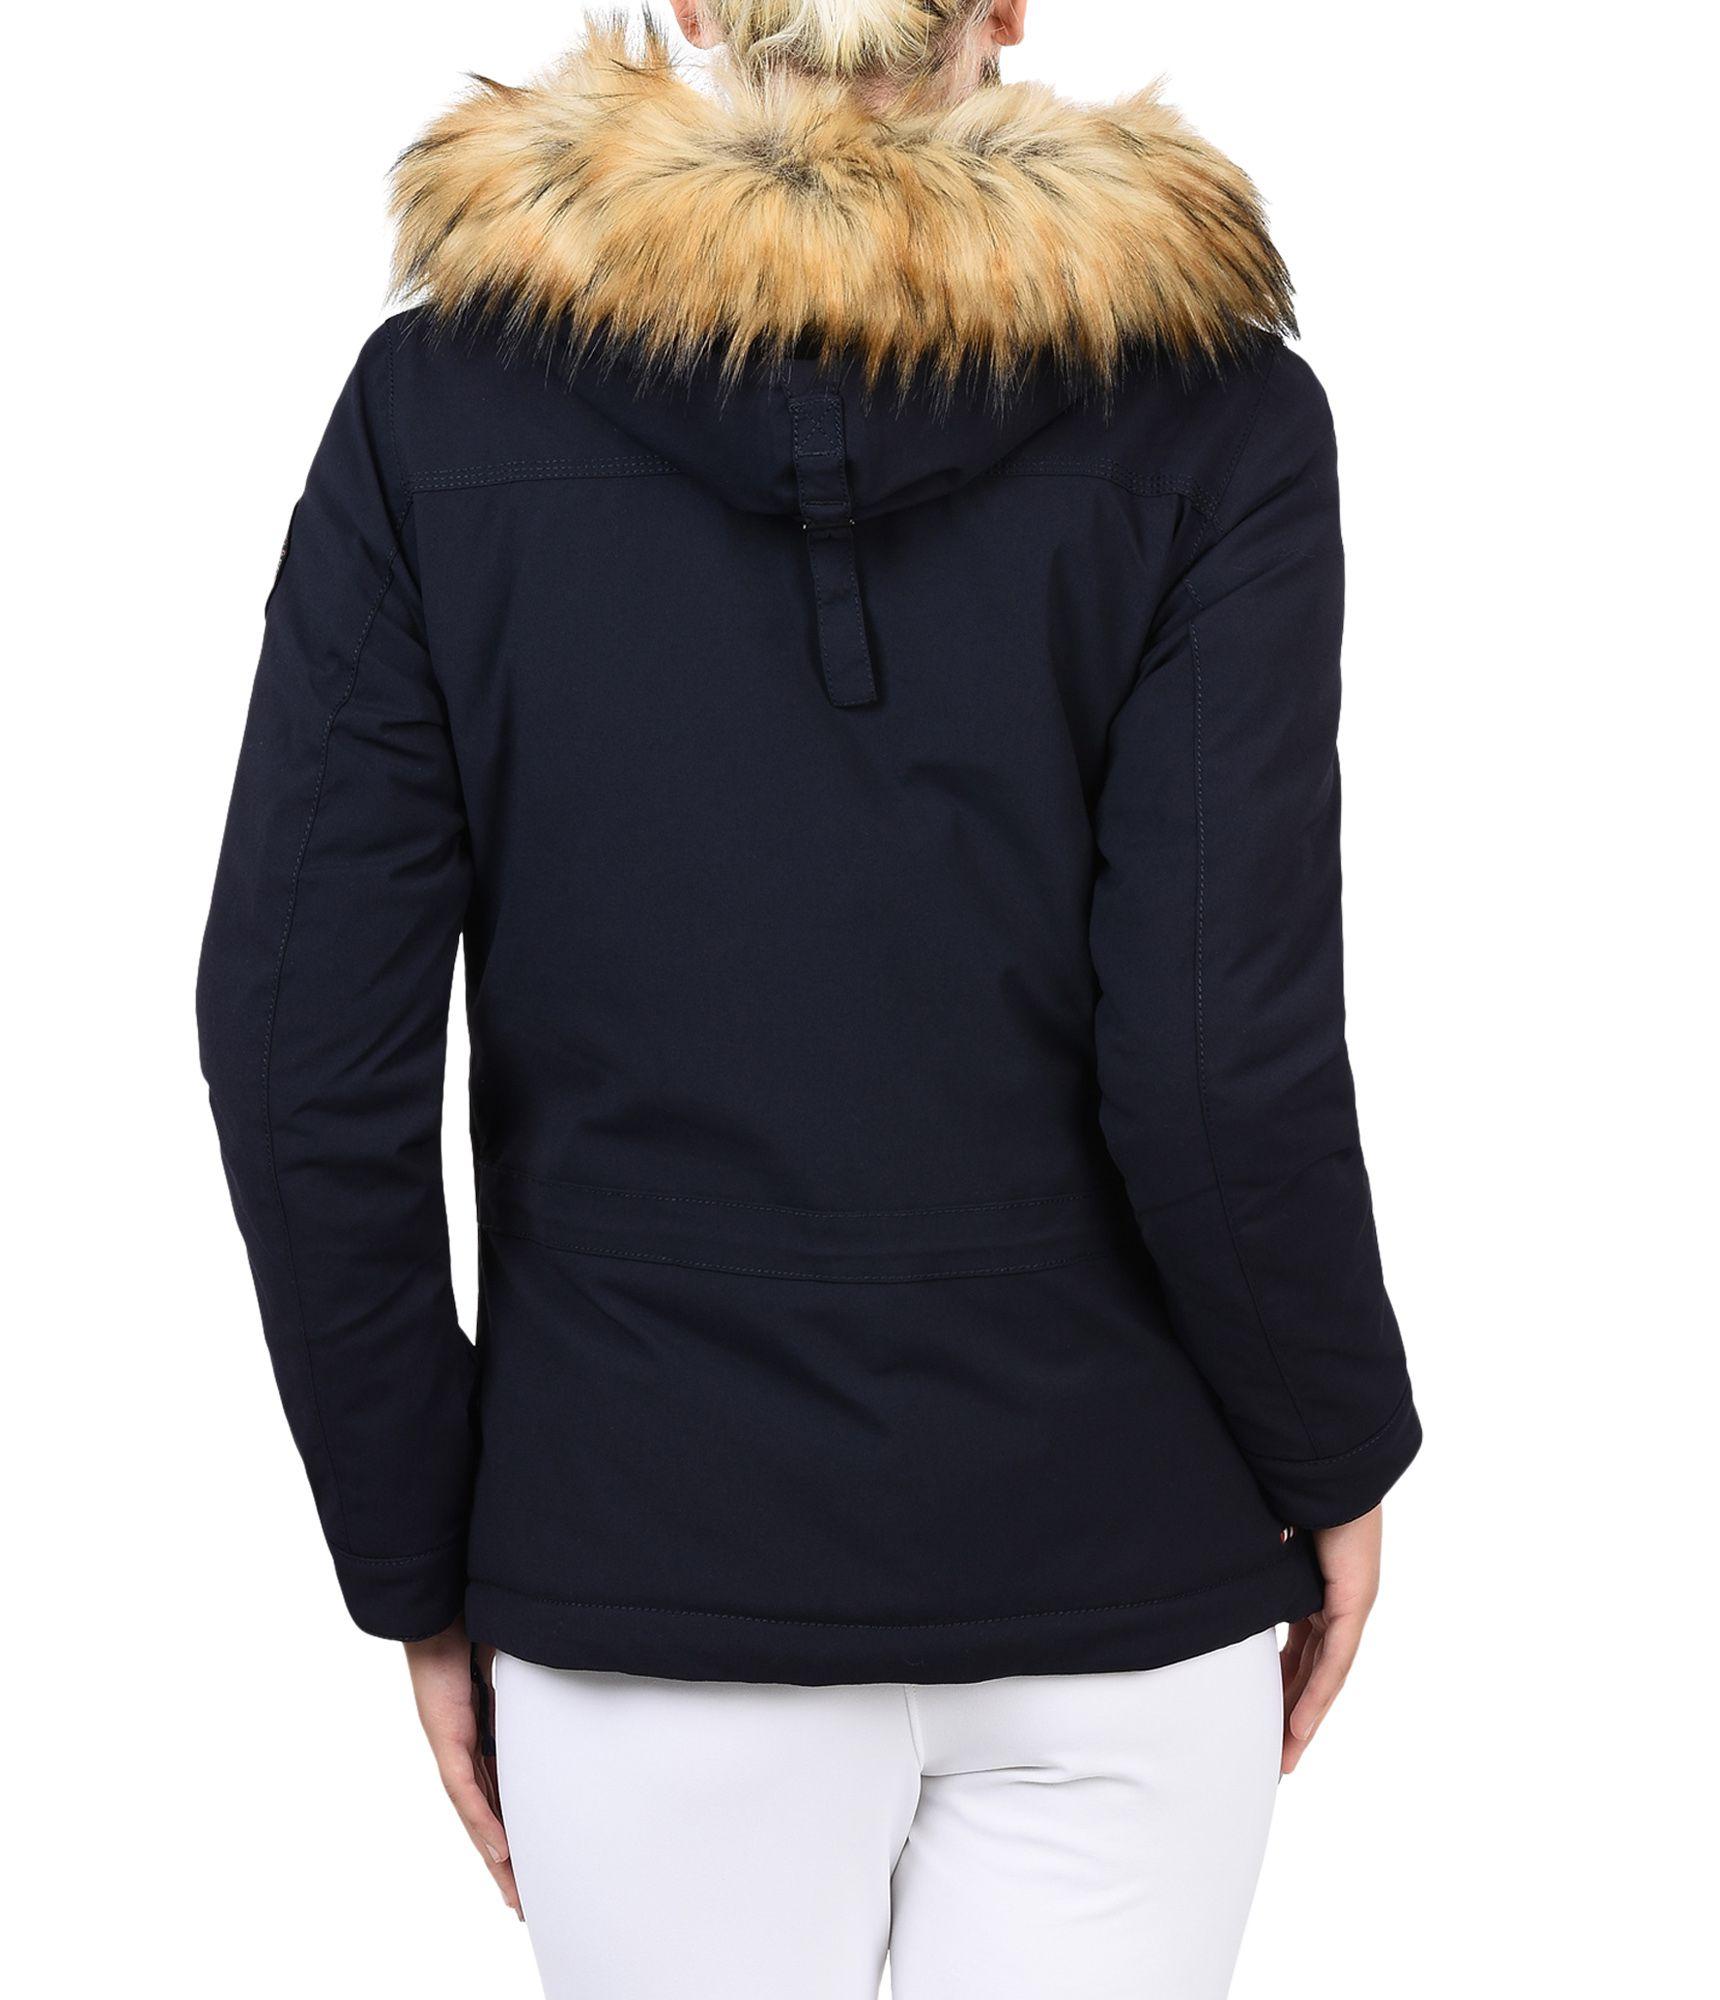 Napapijri Donna 1 Invernale Eco Skidoo Fur Latini Giacca RXrRq8z